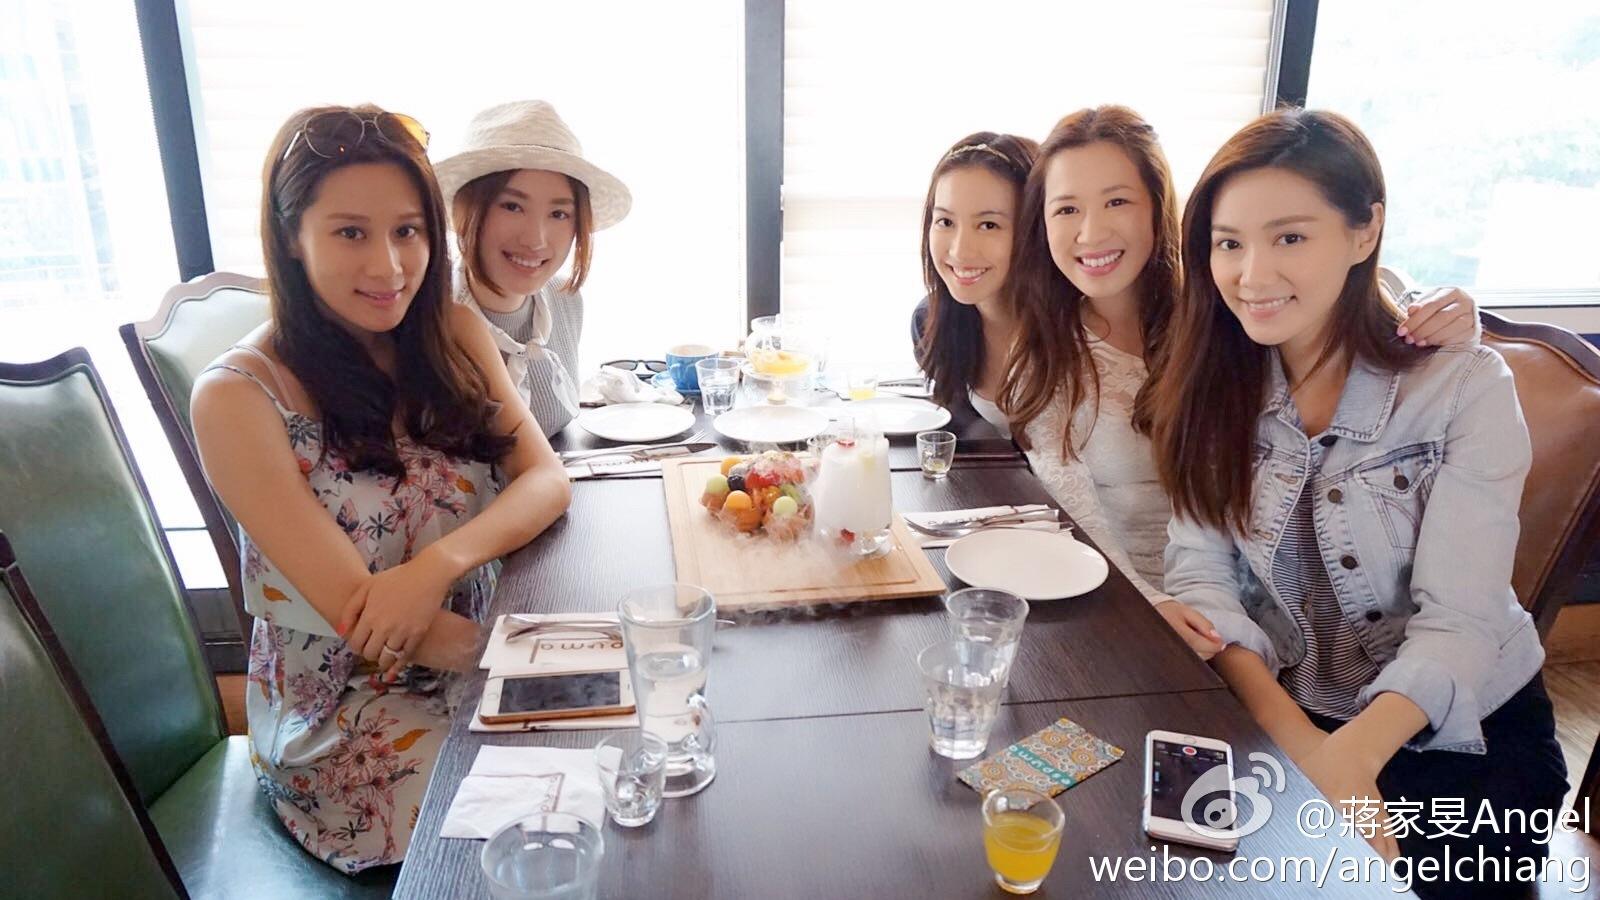 (左起)張嘉兒、蔣家旻、朱千雪、岑杏賢同湯洛雯齊齊飯聚,素顏的張嘉兒刻意用手遮掩。(微博圖片)